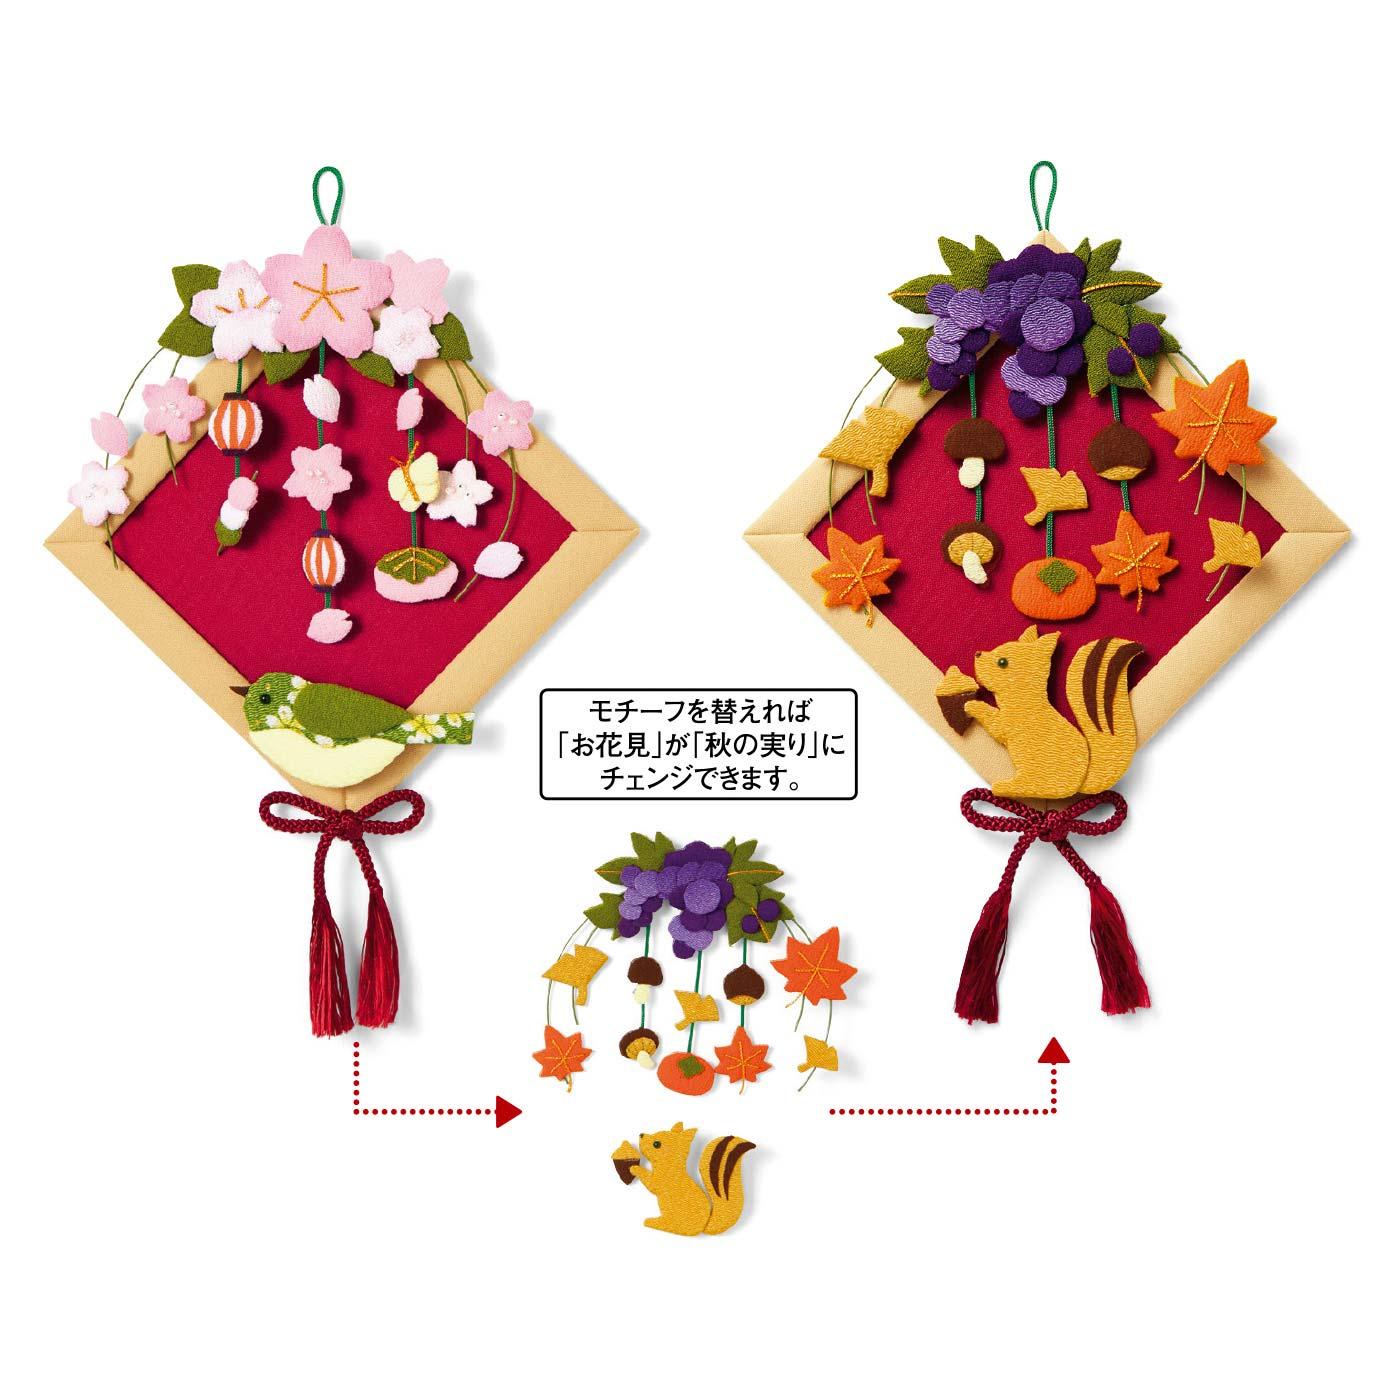 モチーフの付け替えで楽しさ倍増! お花見と秋の実り ※土台は共通です。